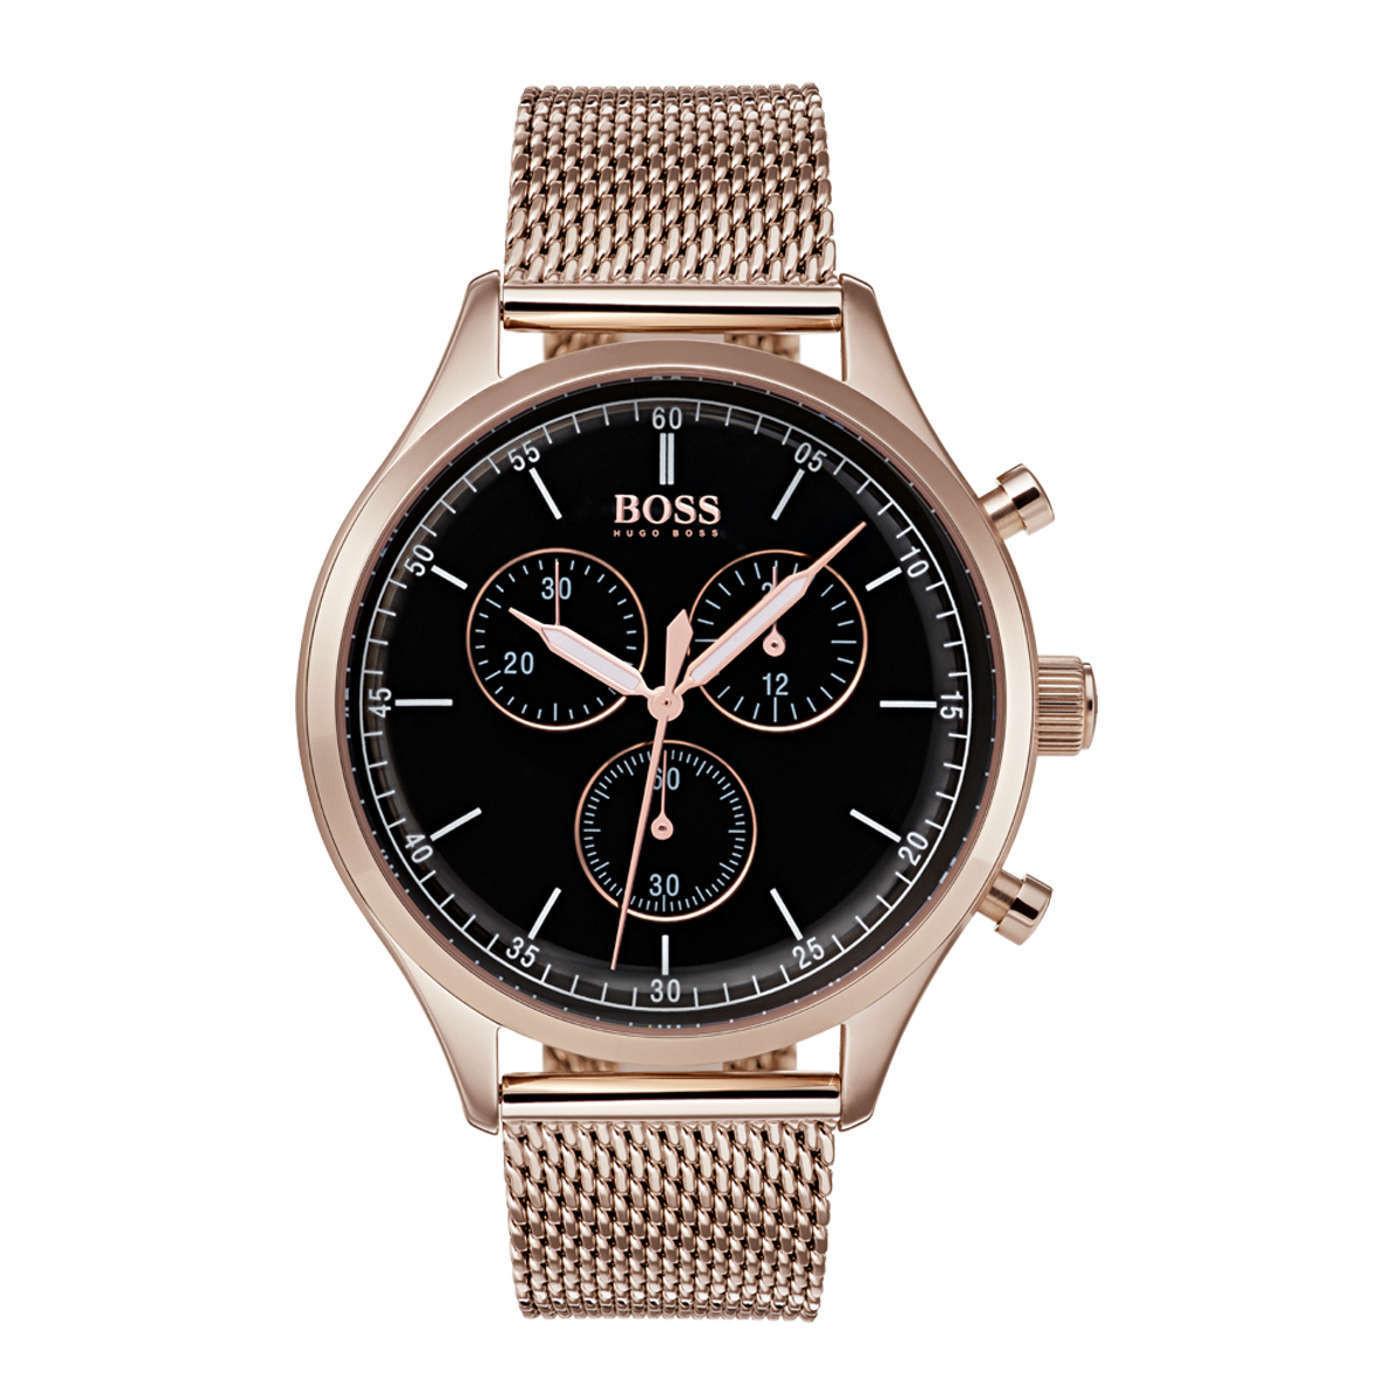 3df08e9e1d Hugo Boss Companion montre HB1513548 - Montres